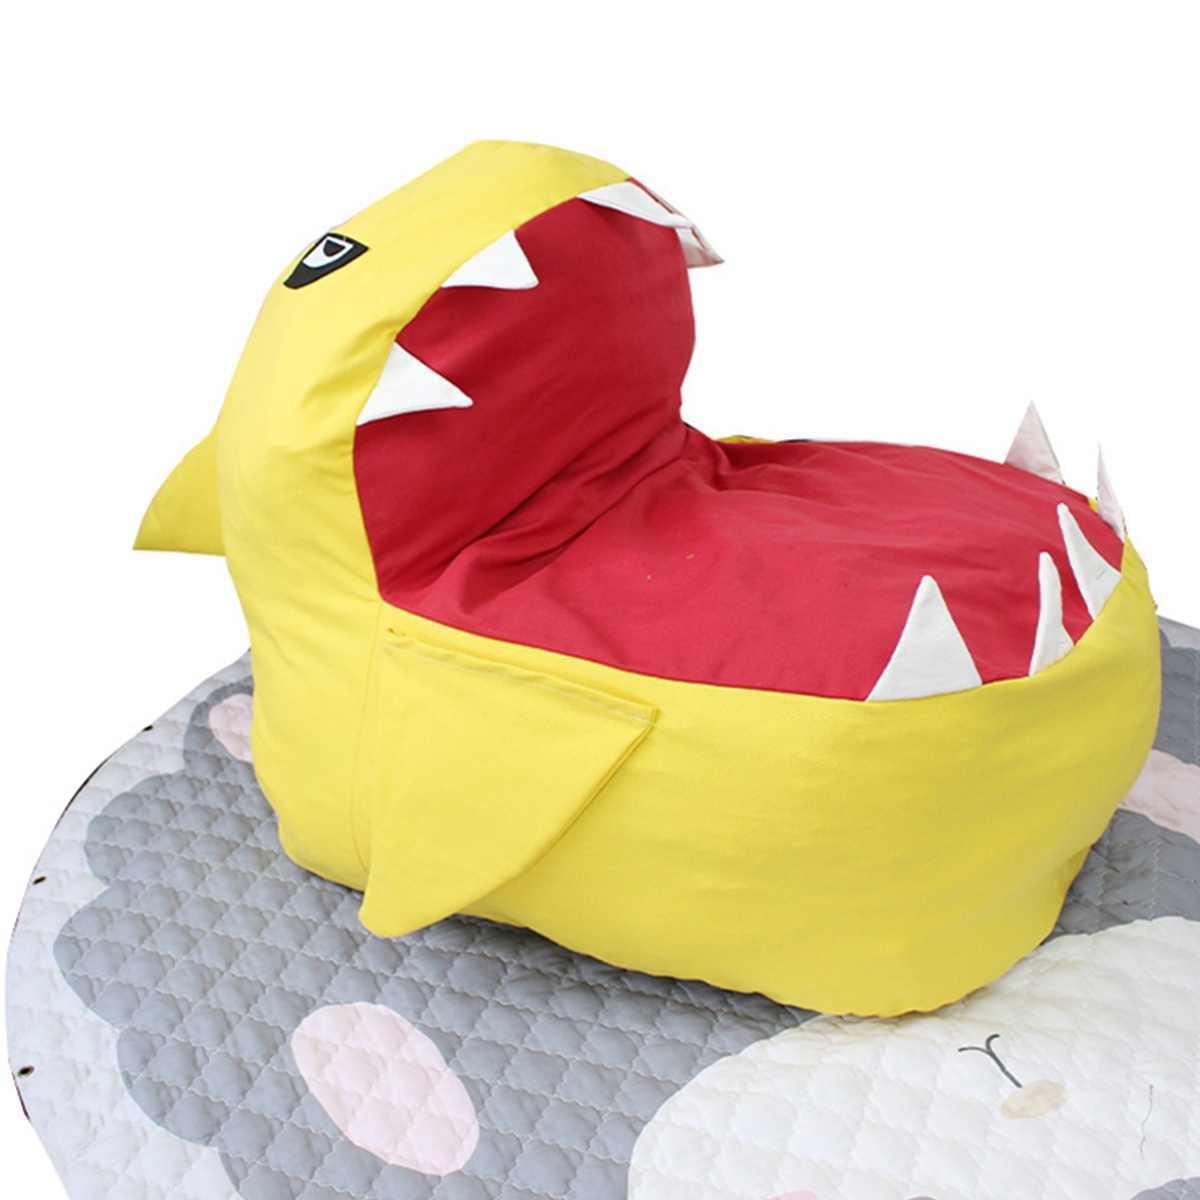 Детское сиденье диван Детское Кресло-мешок мультфильм Акула кожи высококлассные детские стул малыша гнездо мягкое сиденье Кресло-мешок только крышка без наполнения